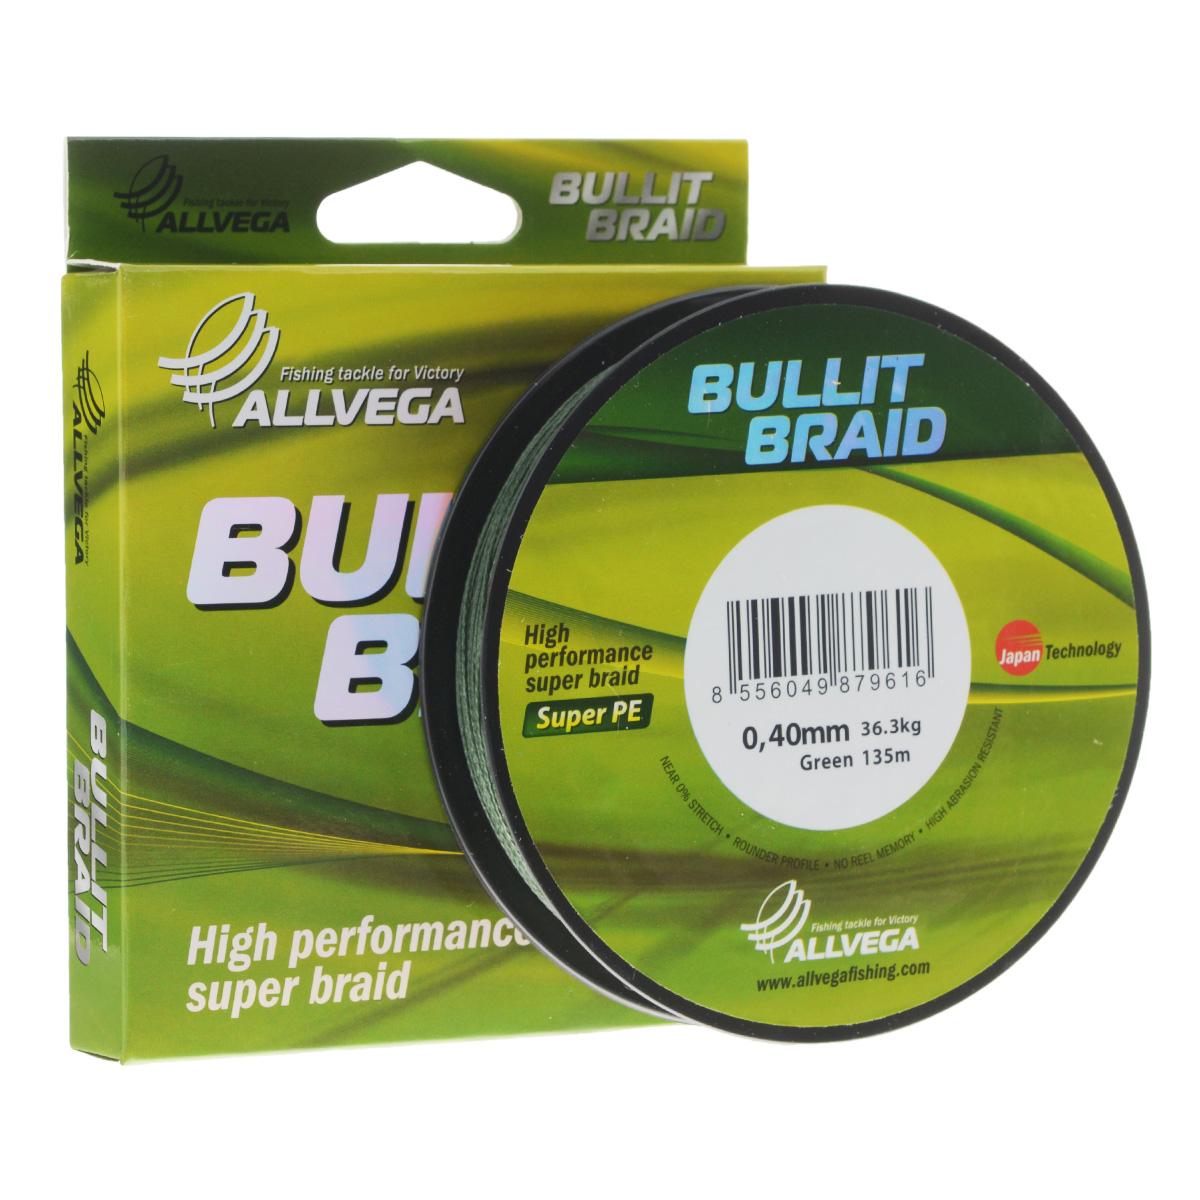 Леска плетеная Allvega Bullit Braid, цвет: темно-зеленый, 135 м, 0,40 мм, 36,3 кгICE5006Леска Allvega Bullit Braid с гладкой поверхностью и одинаковым сечением по всей длине обладает высокой износостойкостью. Благодаря микроволокнам полиэтилена (Super PE) леска имеет очень плотное плетение и не впитывает воду. Леску Allvega Bullit Braid можно применять в любых типах водоемов. Особенности:повышенная износостойкость;высокая чувствительность - коэффициент растяжения близок к нулю;отсутствует память; идеально гладкая поверхность позволяет увеличить дальность забросов; высокая прочность шнура на узлах.